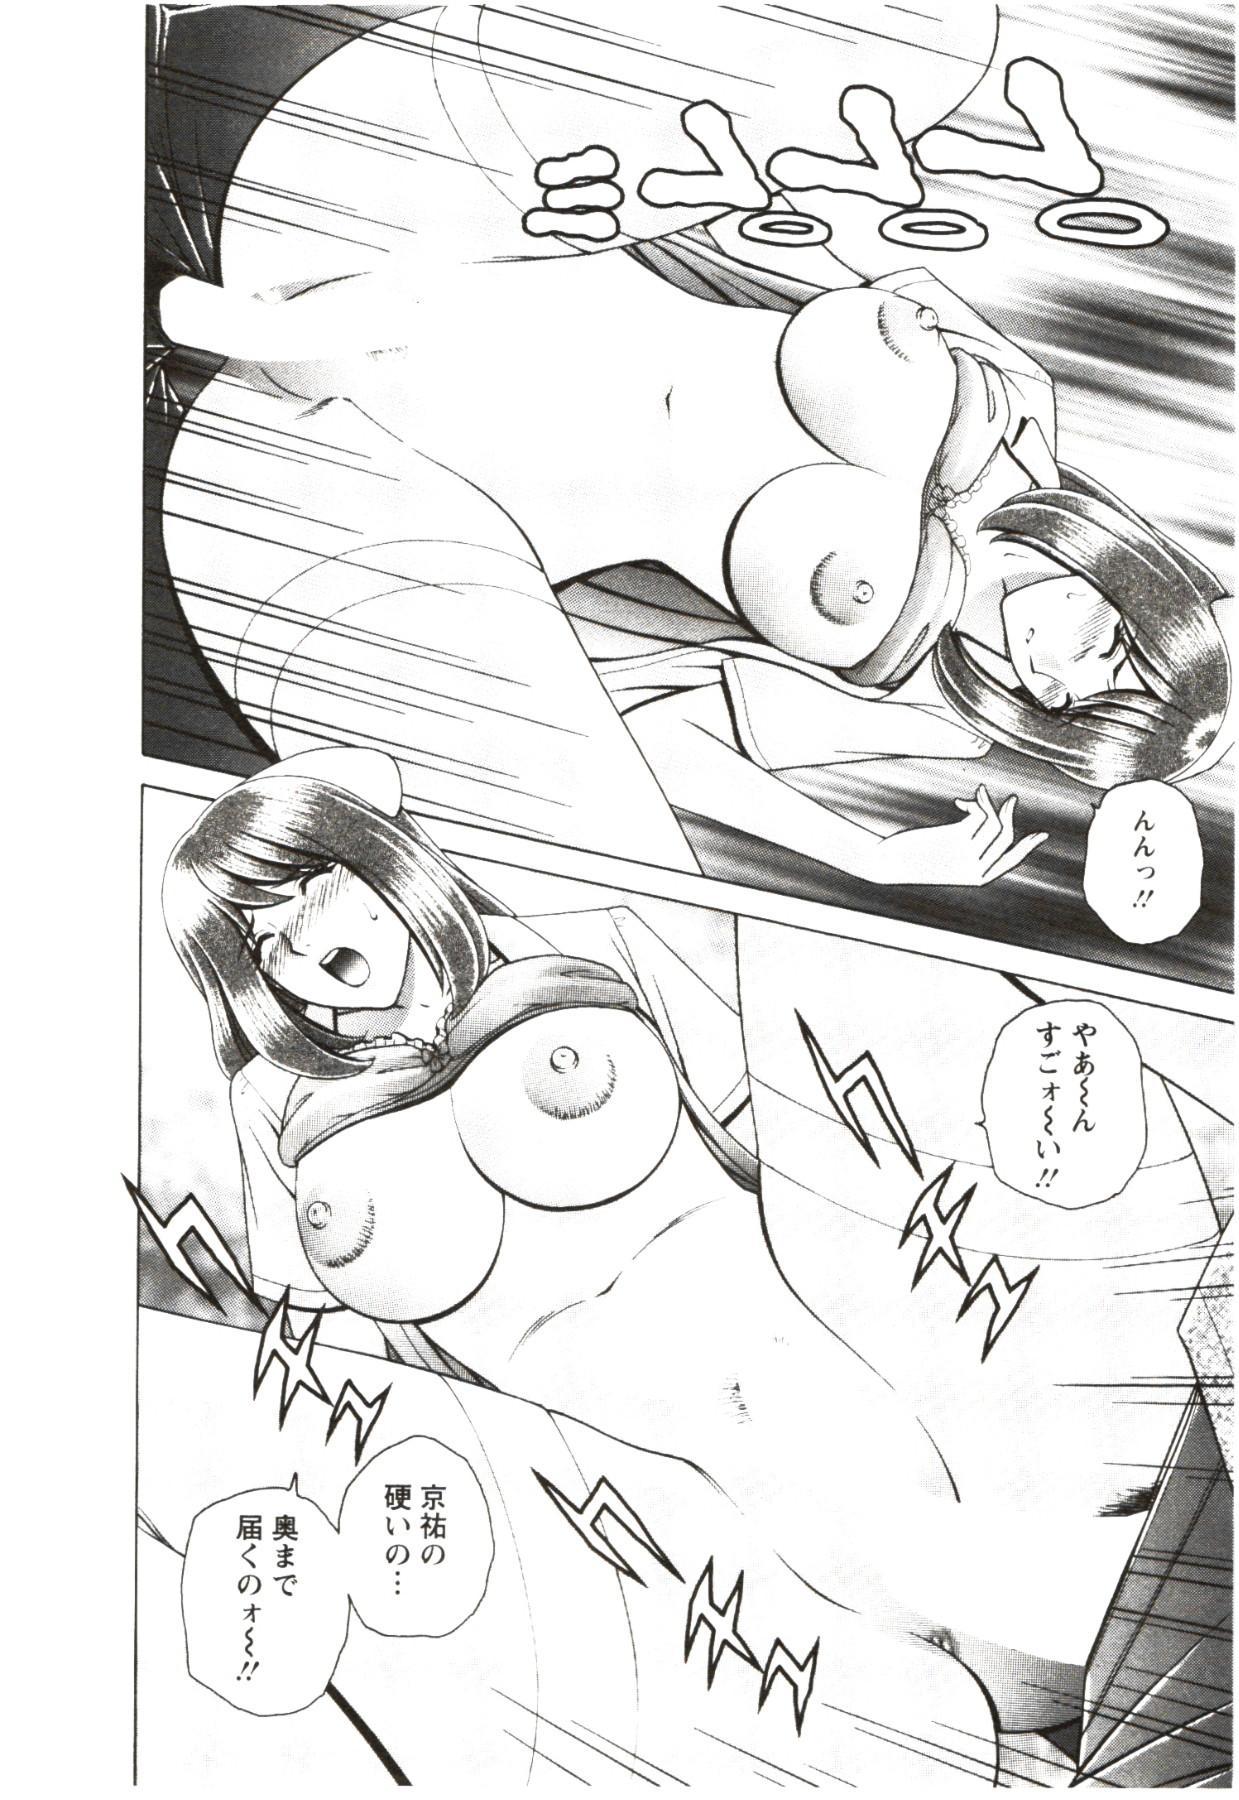 Futarigurashi 145